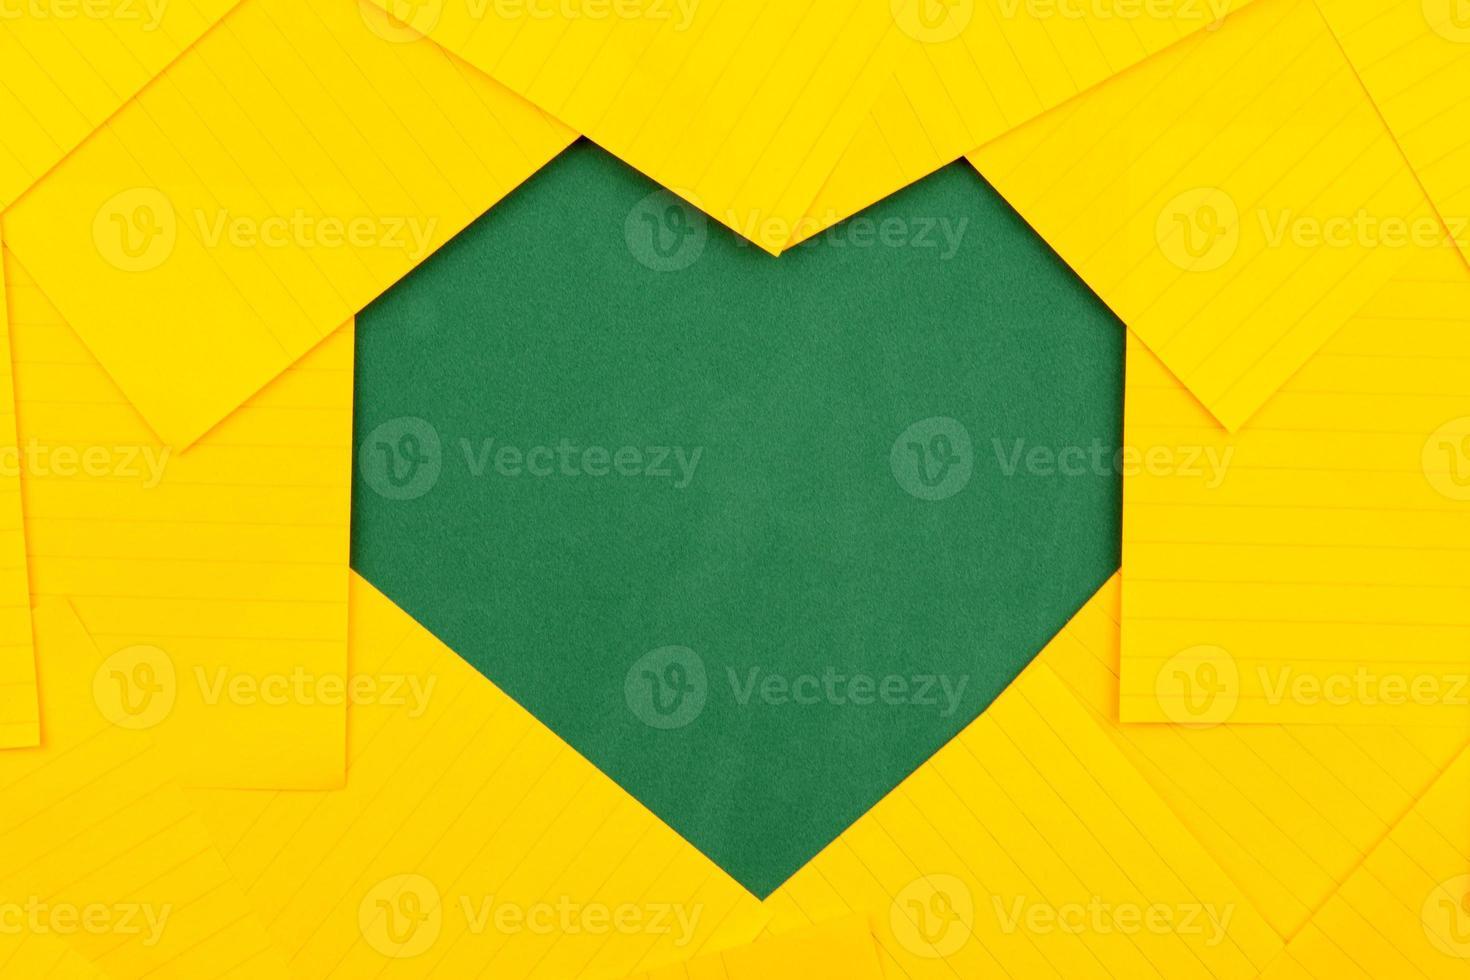 orangefarbene Blätter auf einer grünen Schulbehörde bilden eine Rahmenherzform foto